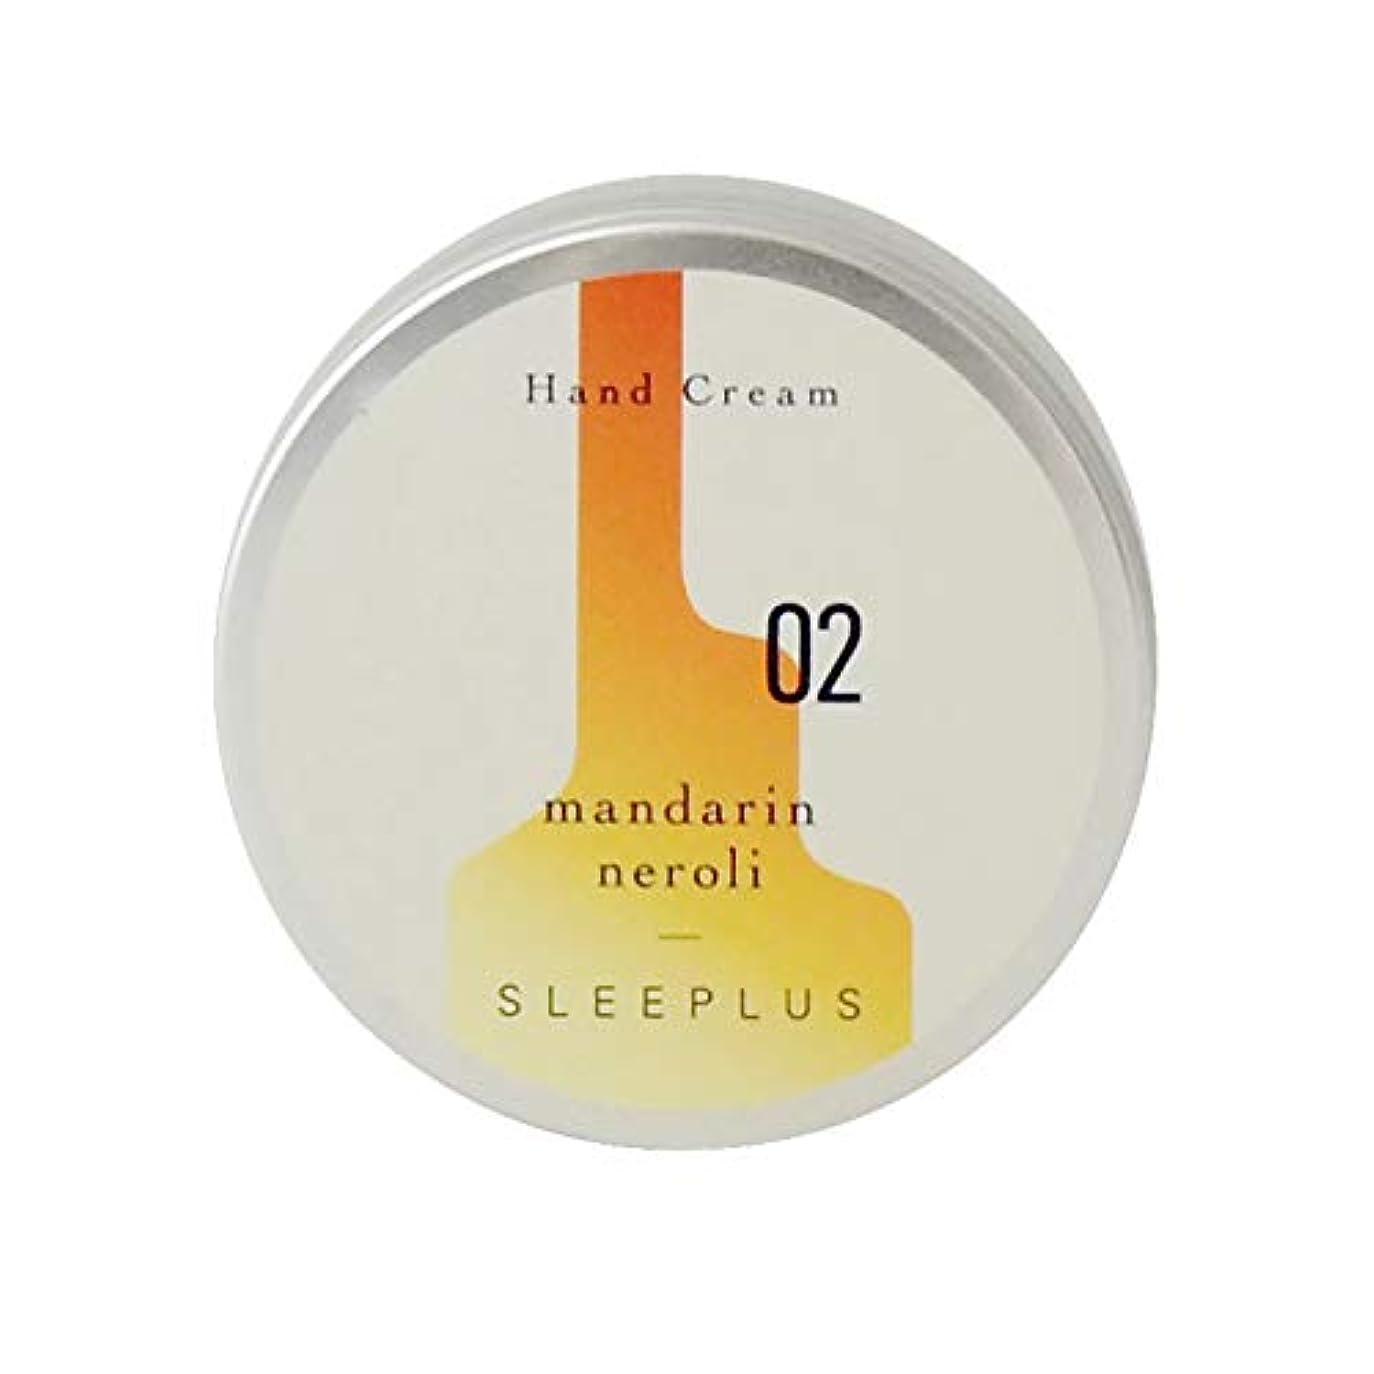 拷問アレルギー性強度Heavenly Aroom ハンドクリーム SLEEPLUS 02 マンダリンネロリ 75g